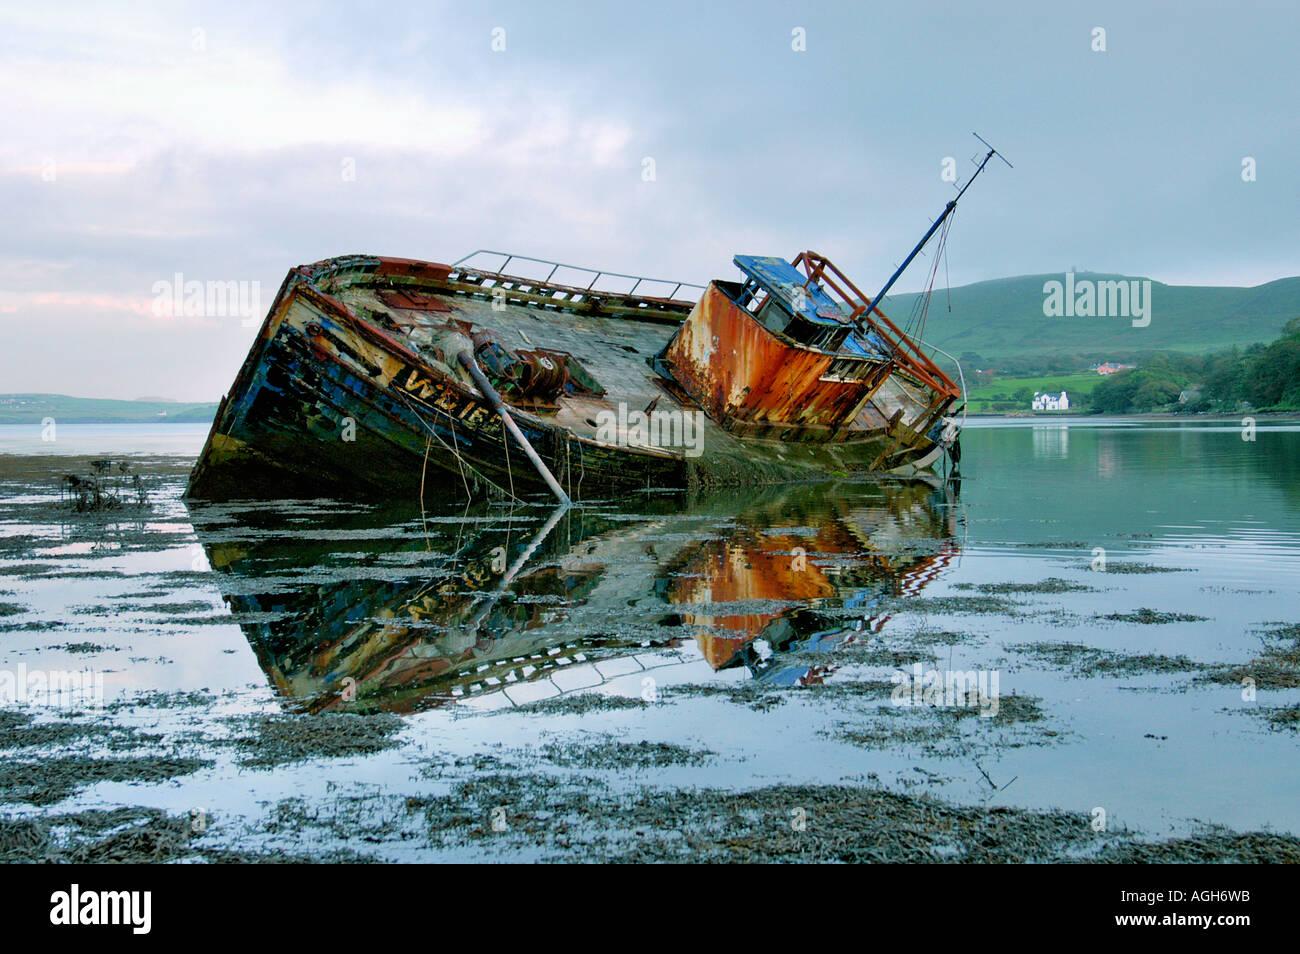 old shipwreck, West Coast, Ireland - Stock Image